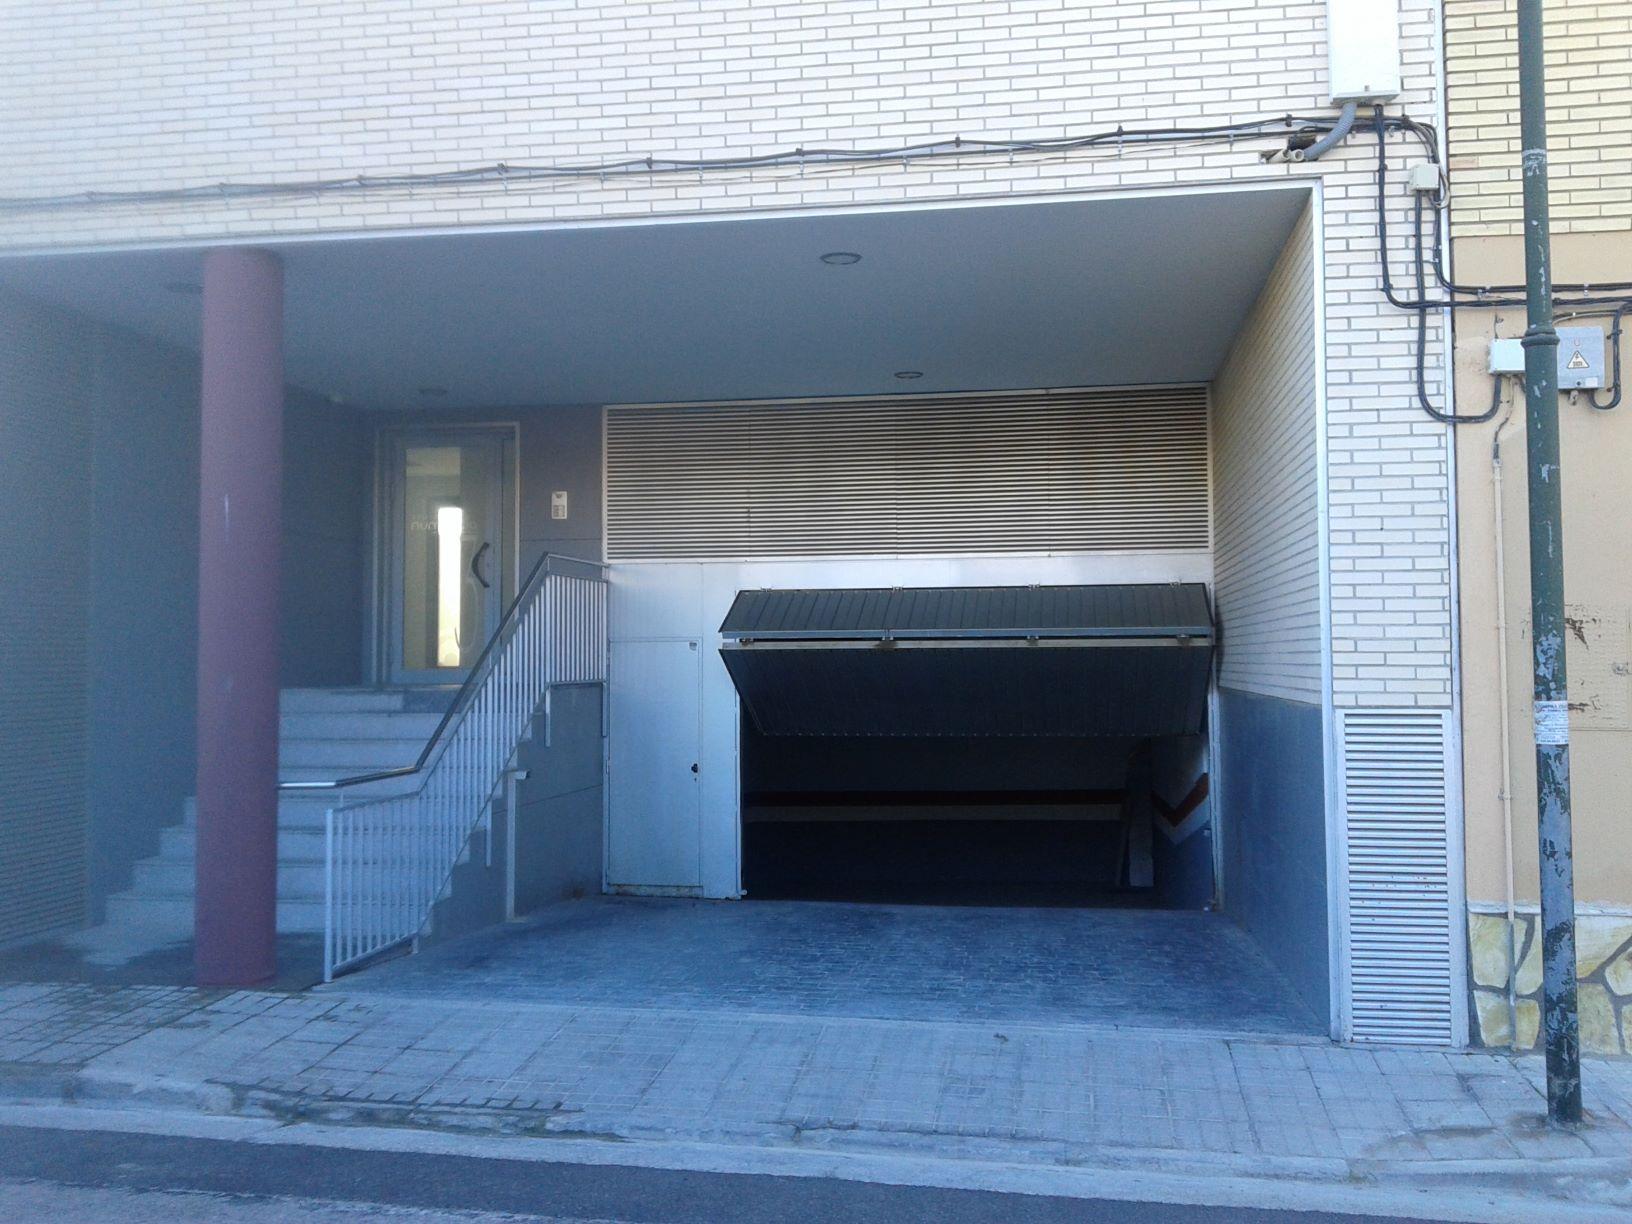 garaje-240027